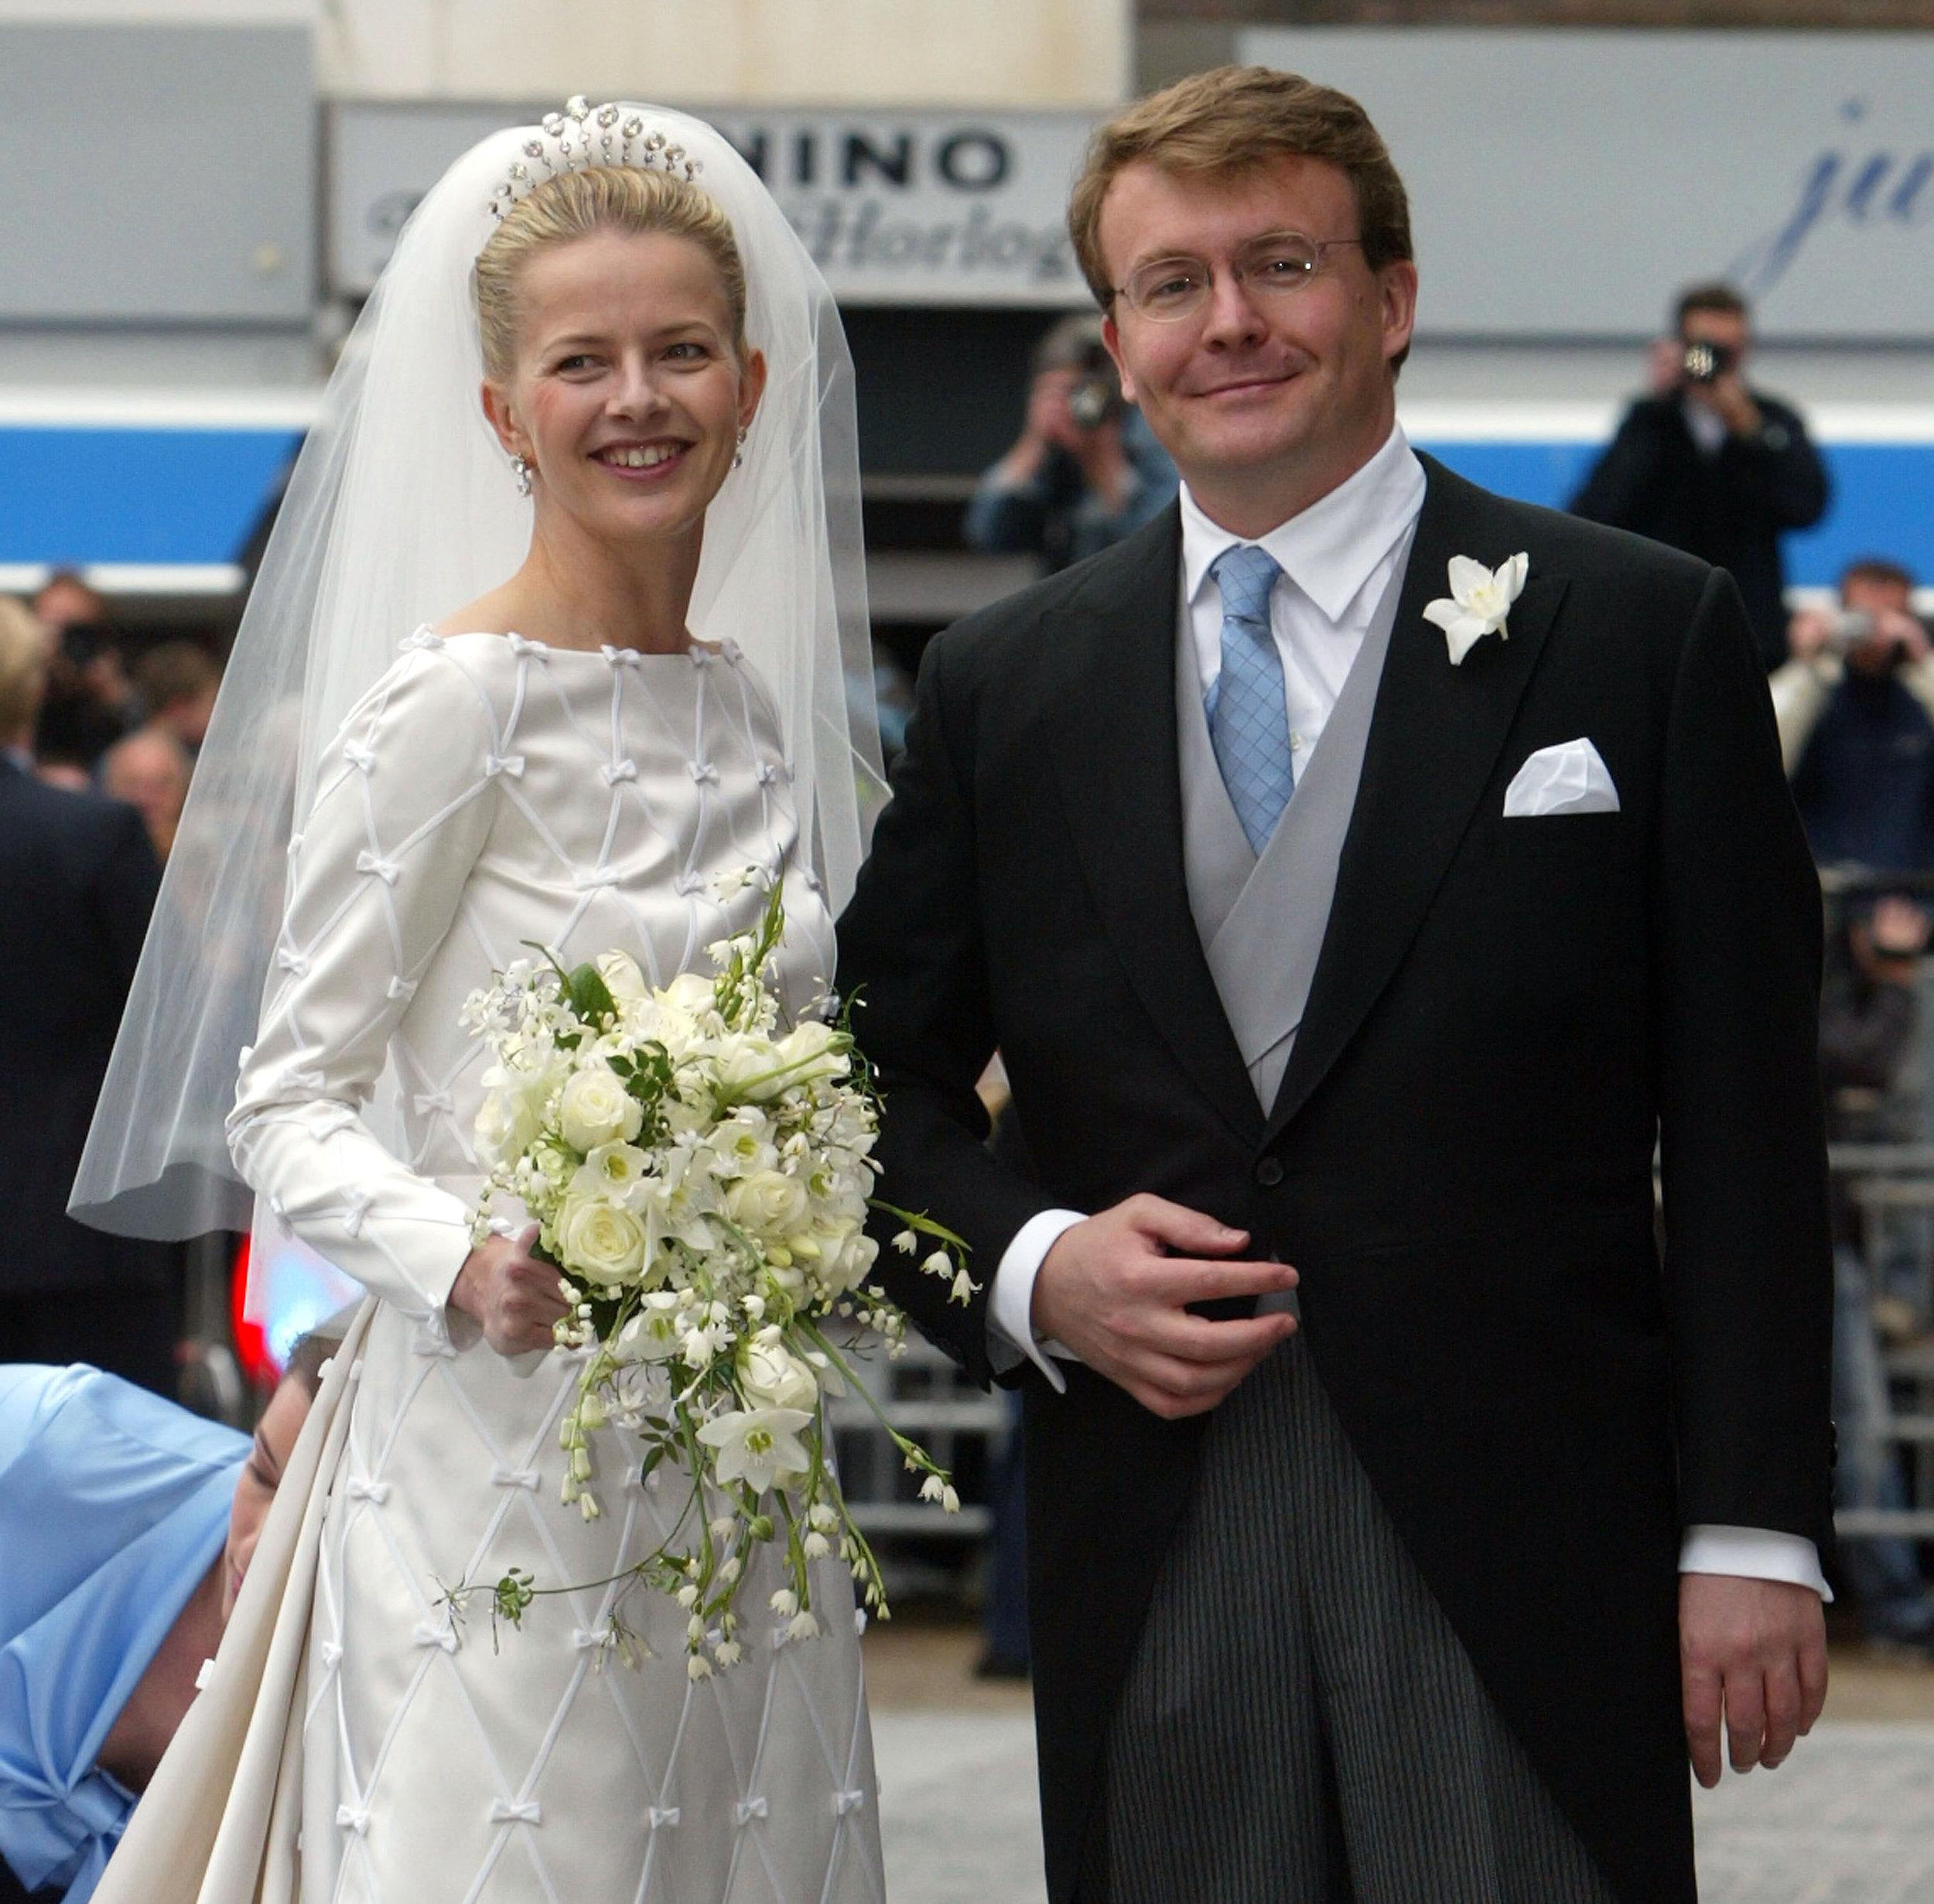 Man kann Friso ansehen, wie stolz er auf seine schöne Braut ist.   Foto: Getty Images